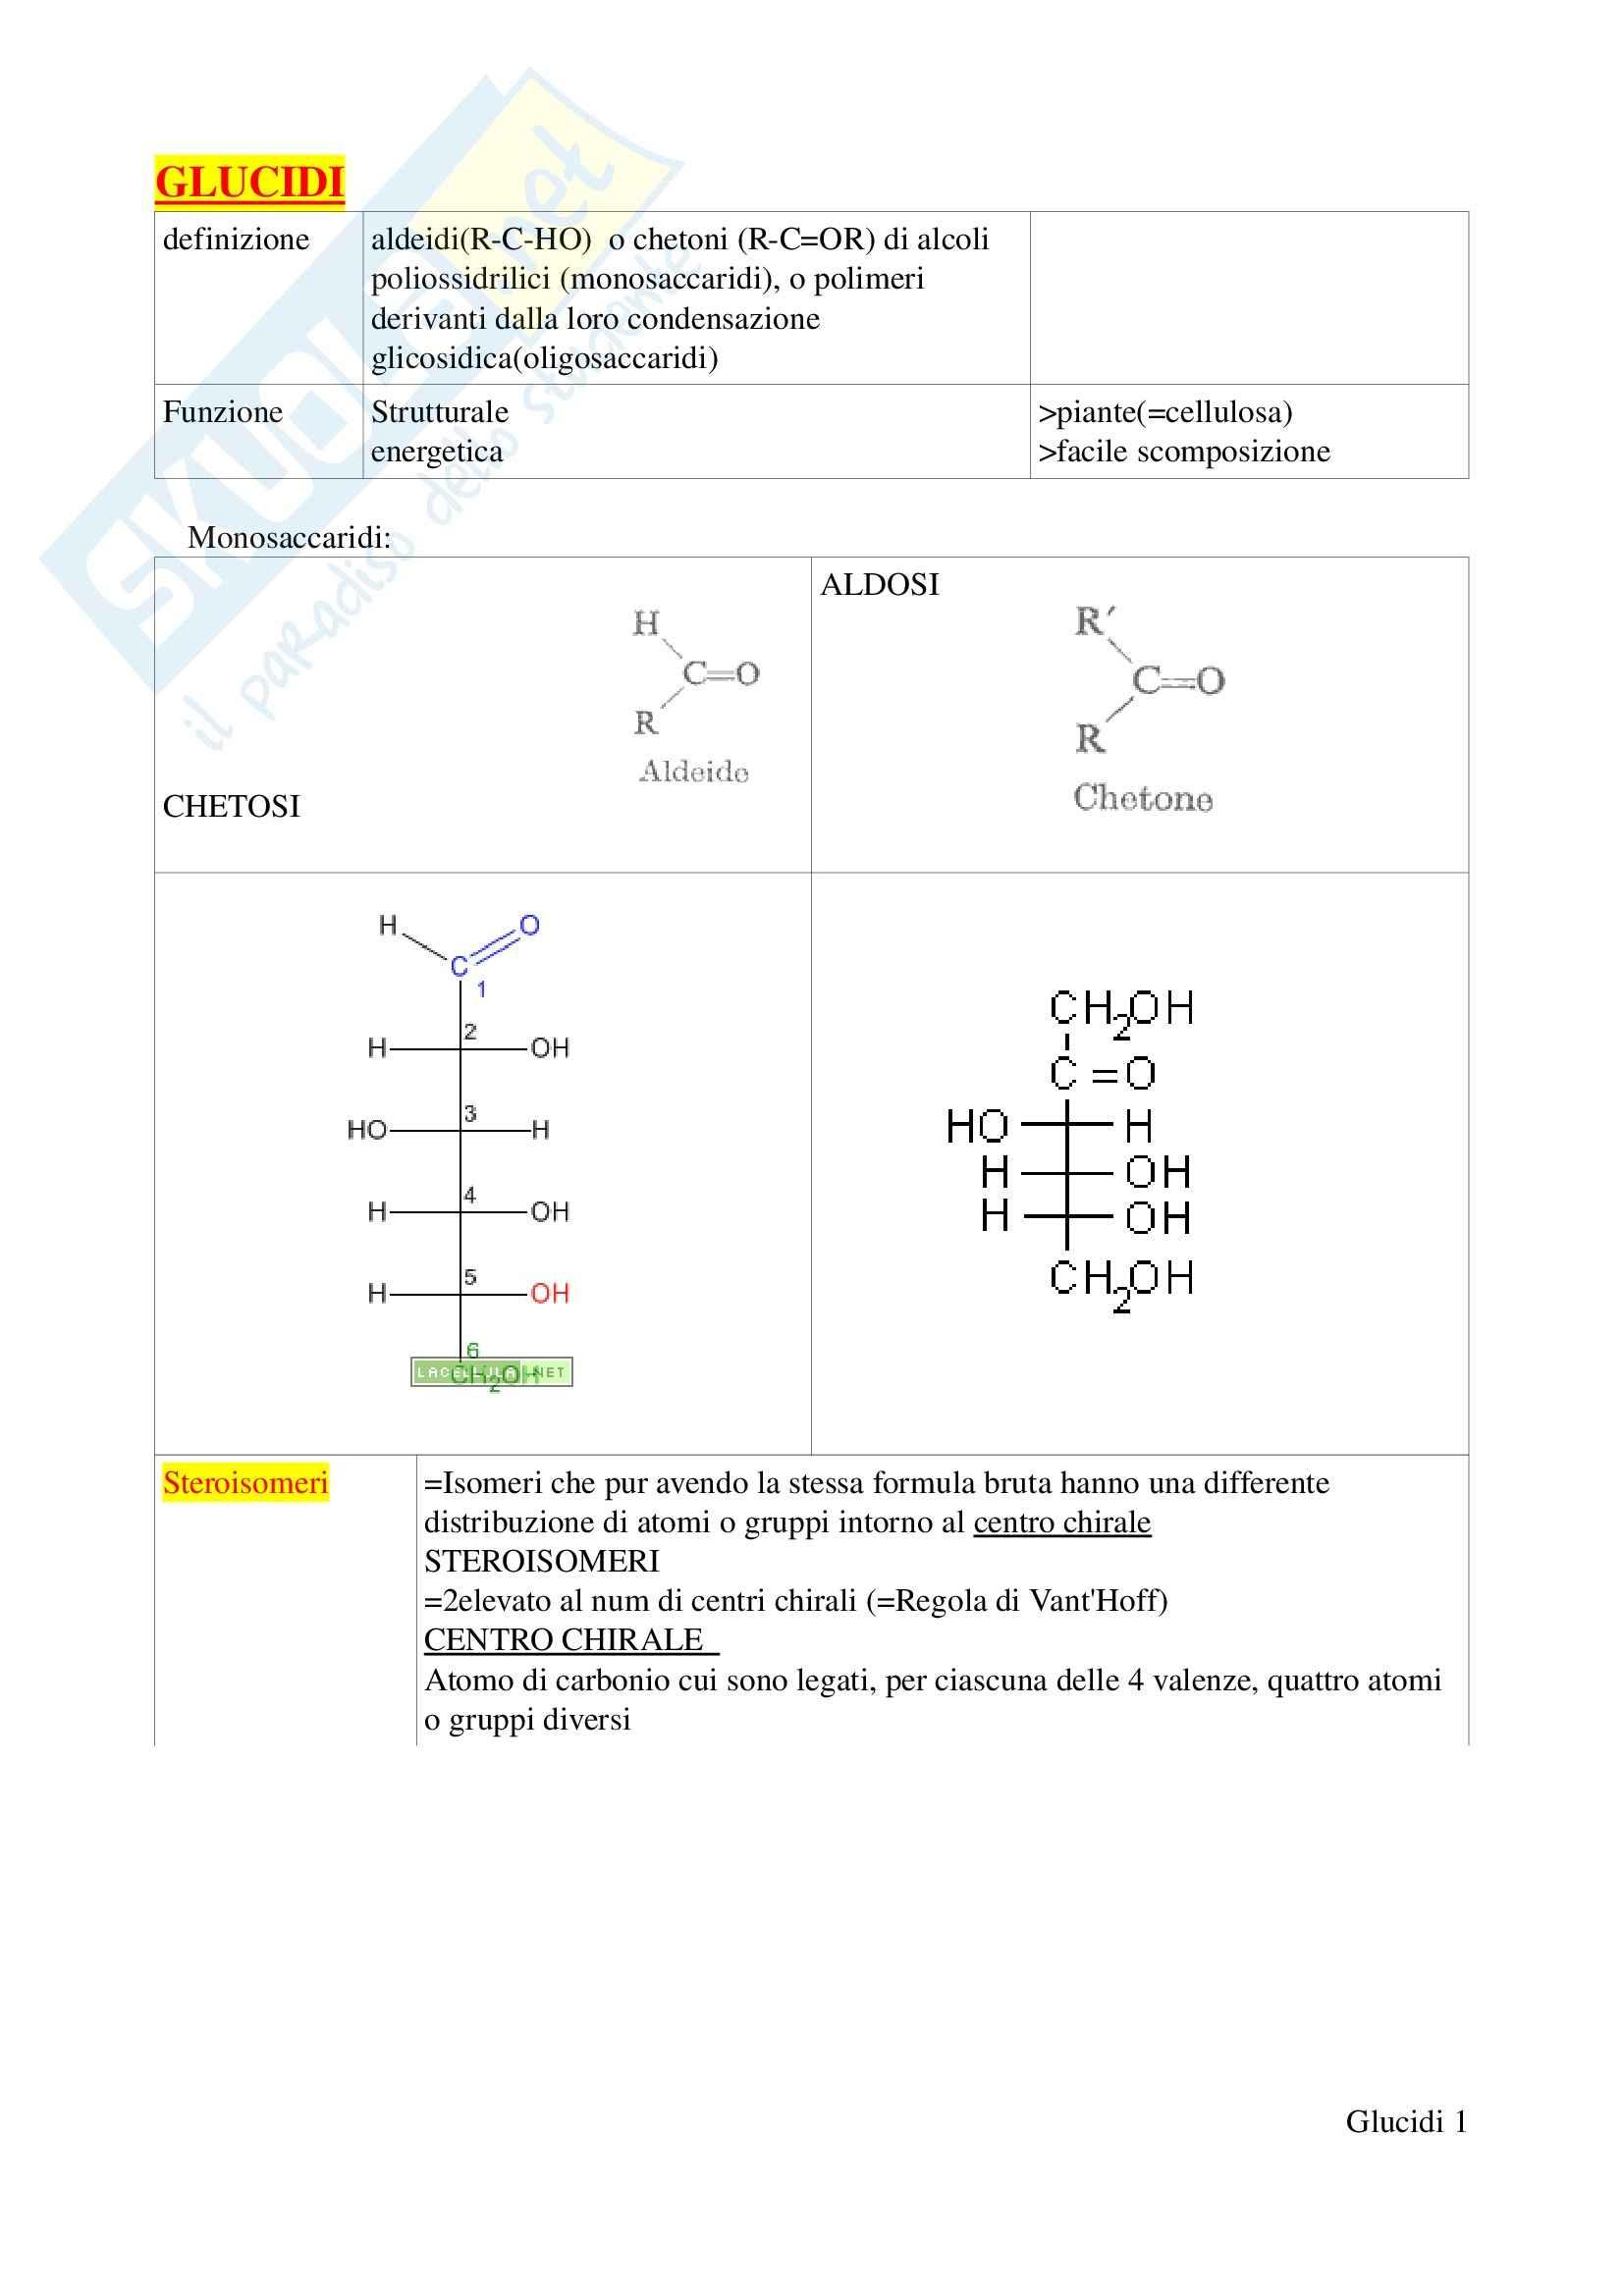 Biochimica I – Glucidi e lipidi – Schemi